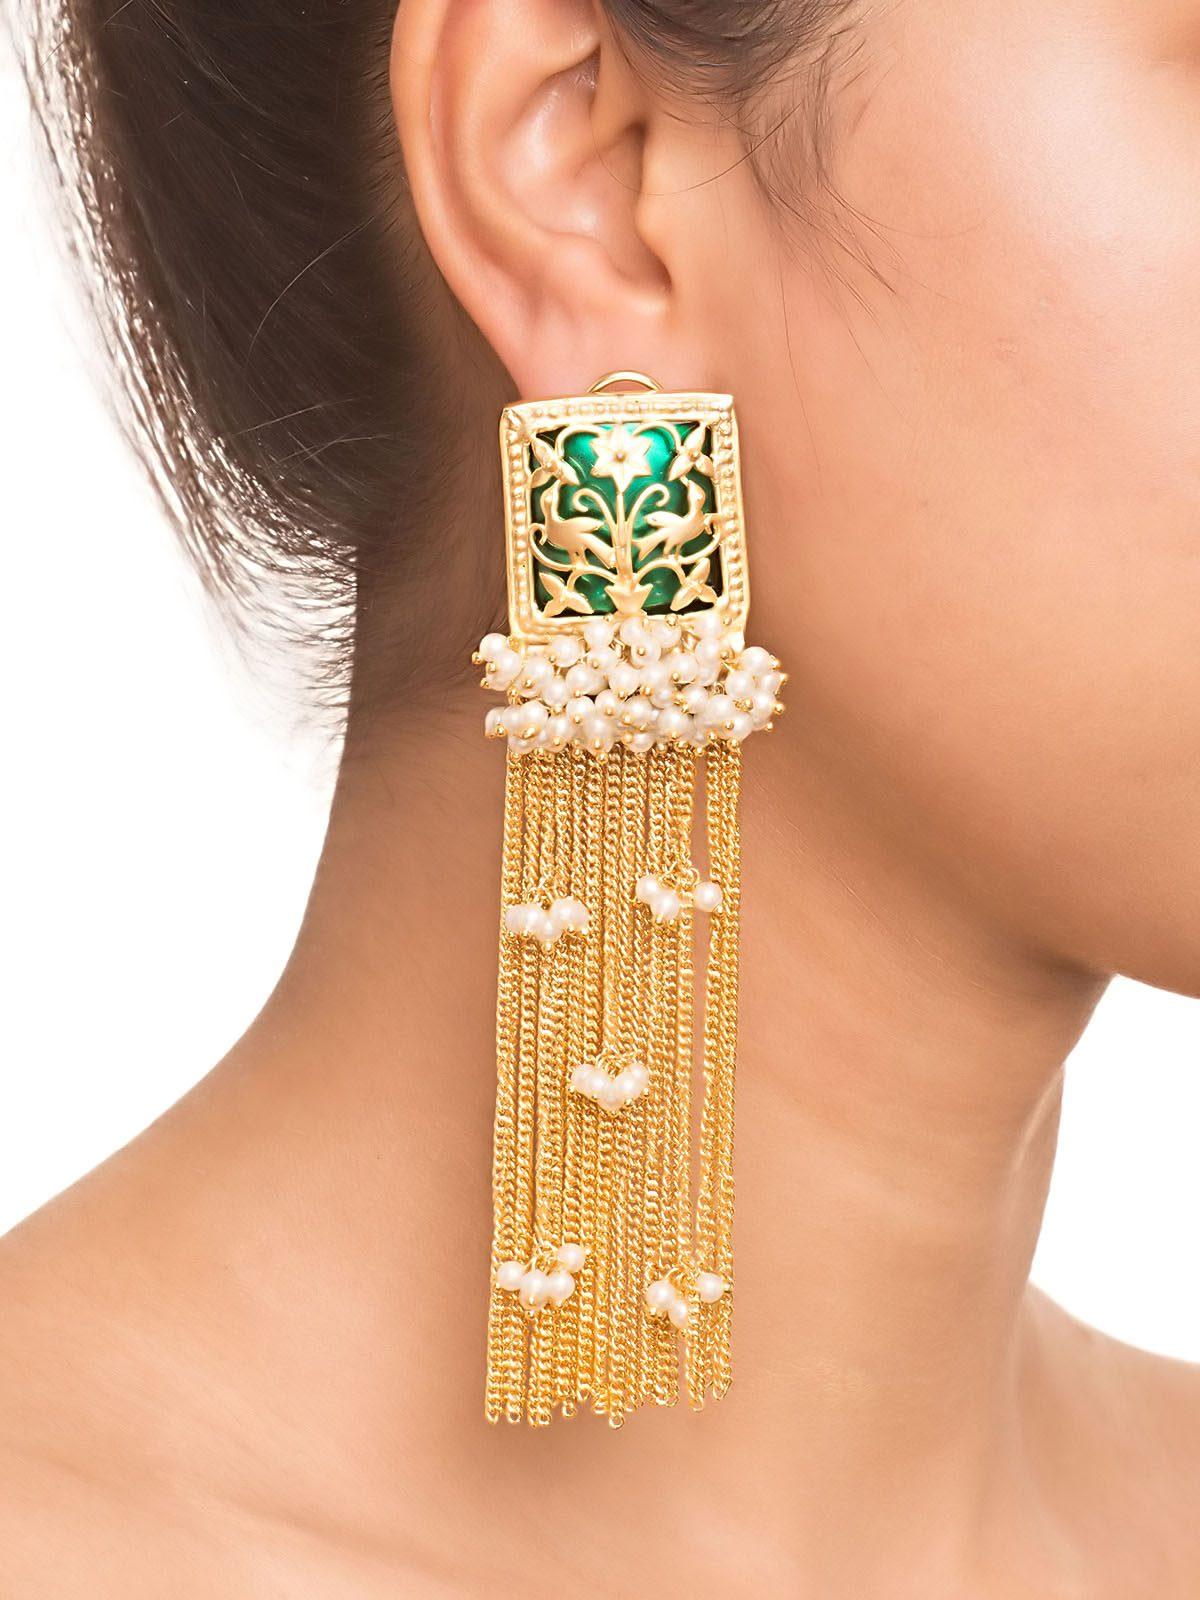 green-stone-and-pearl-tassel-earrings_danglers_green_150779335462-53a3e6f0868cc6e860c059c7bb3a8c6f